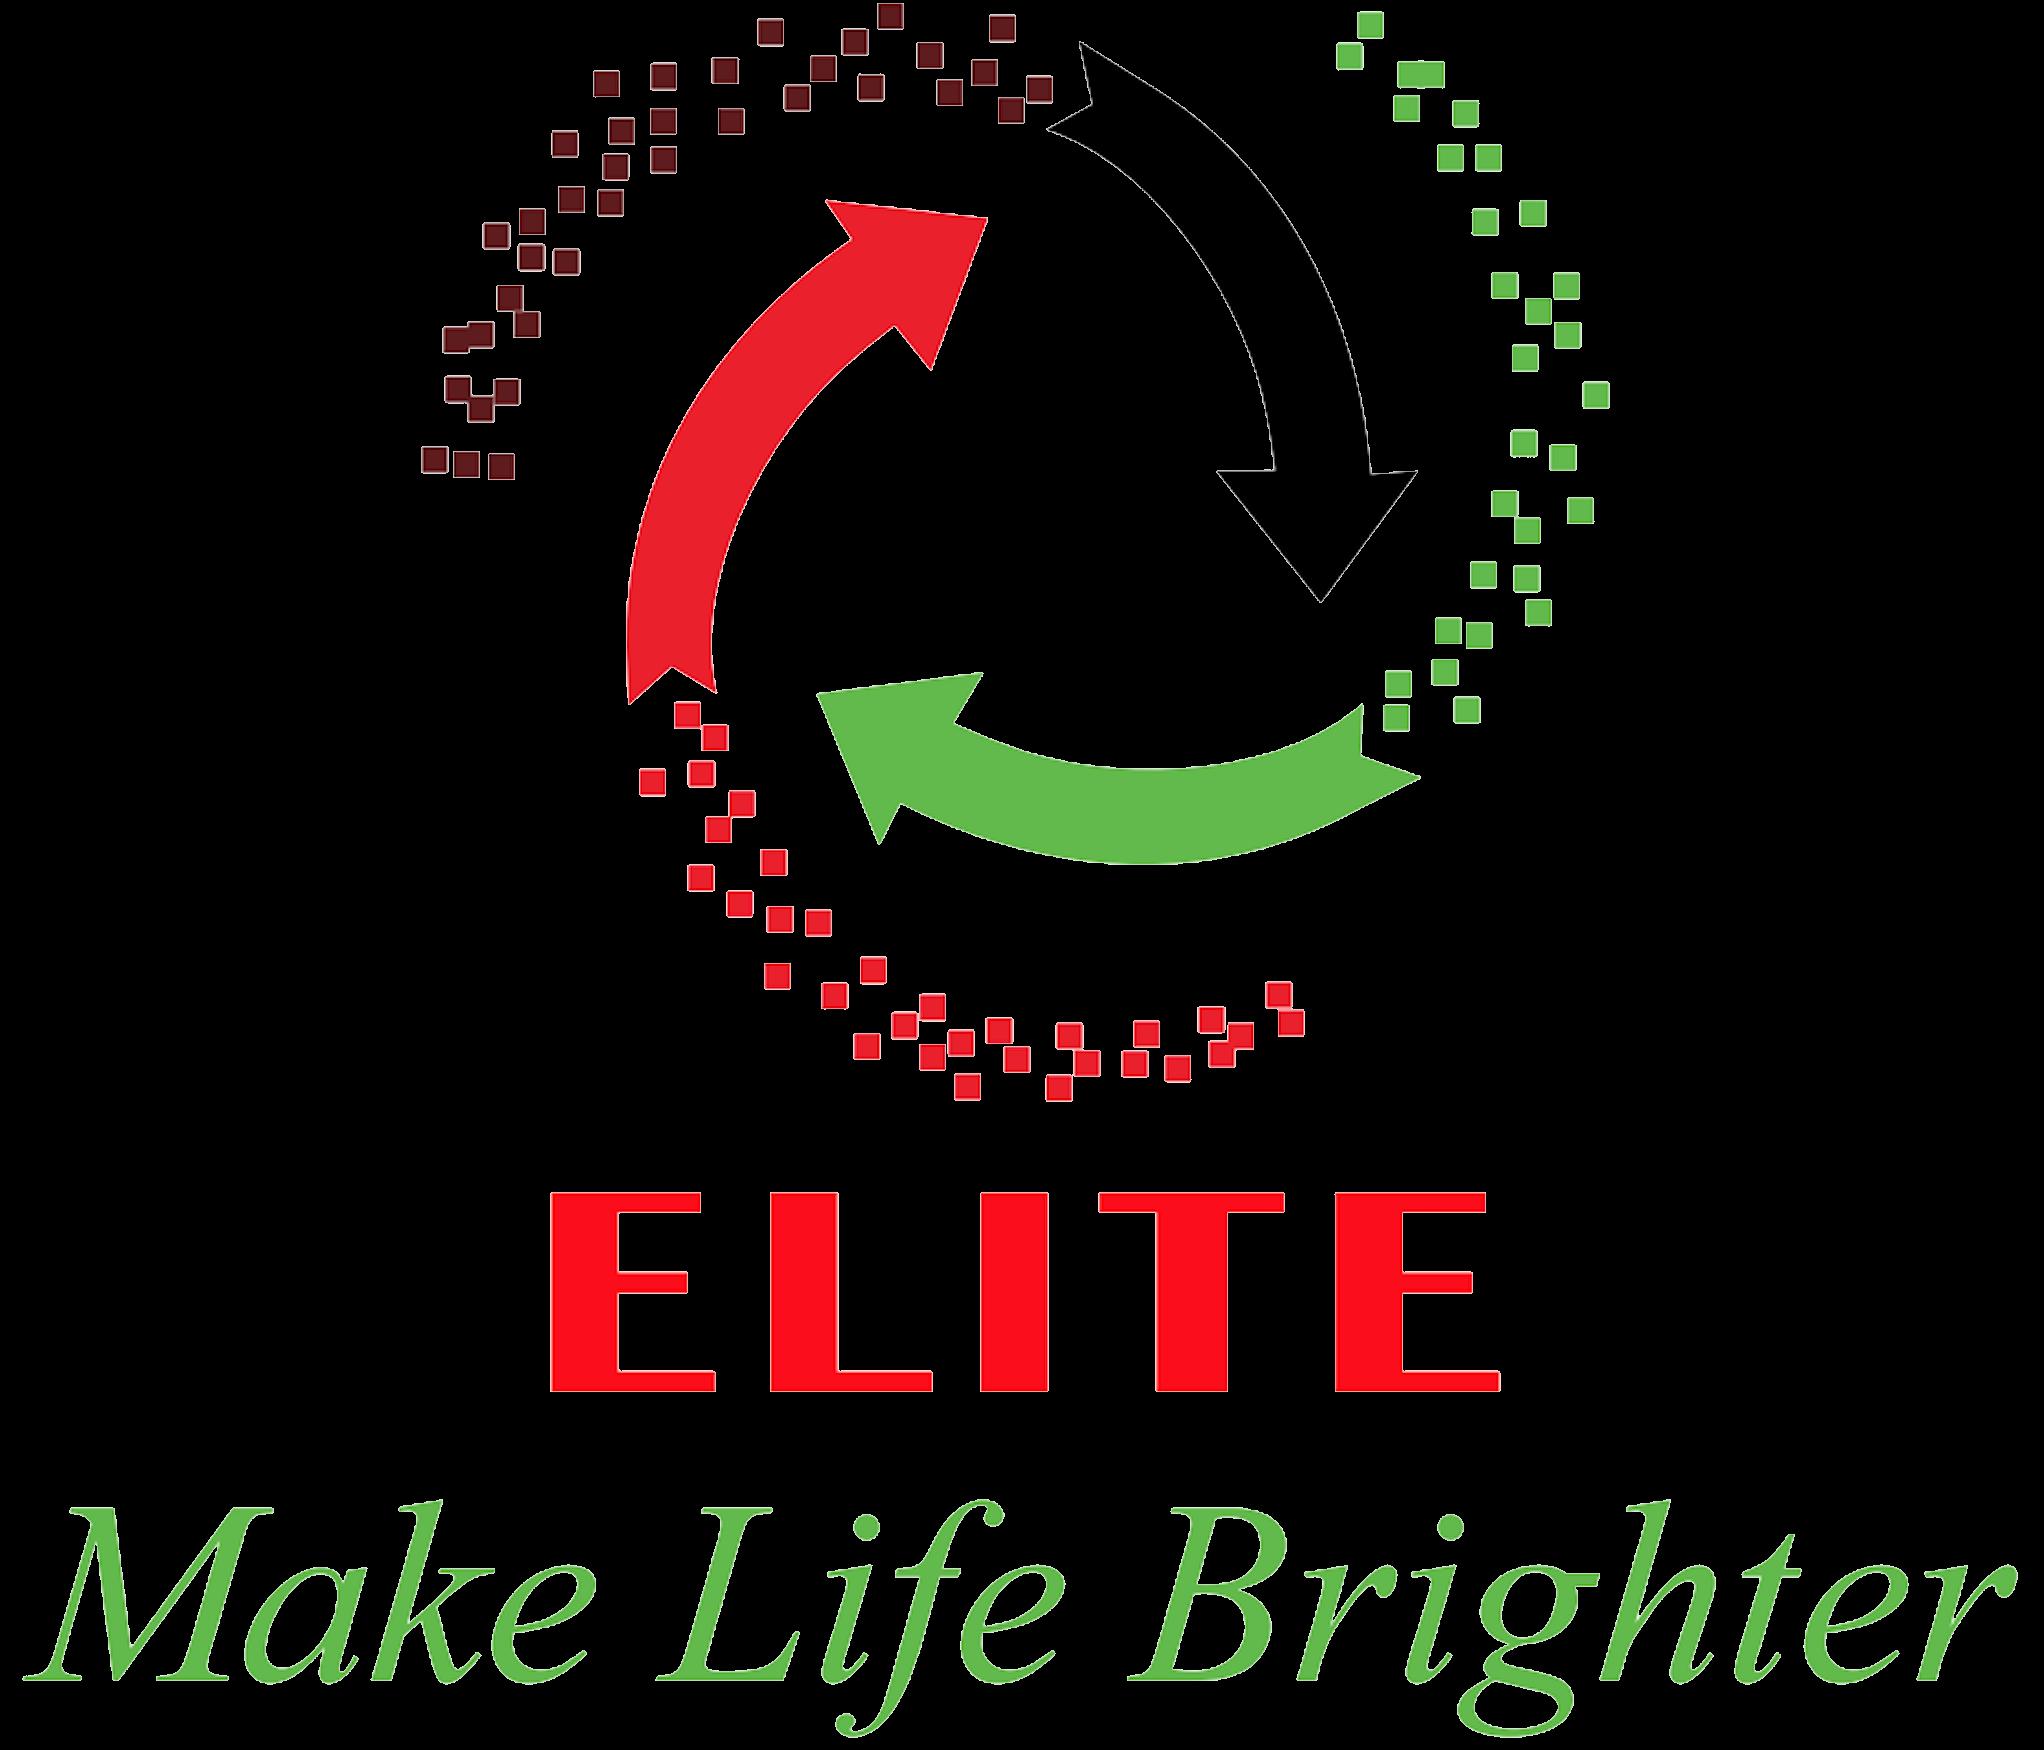 Công ty Dịch Vụ Thương Mại Elite.